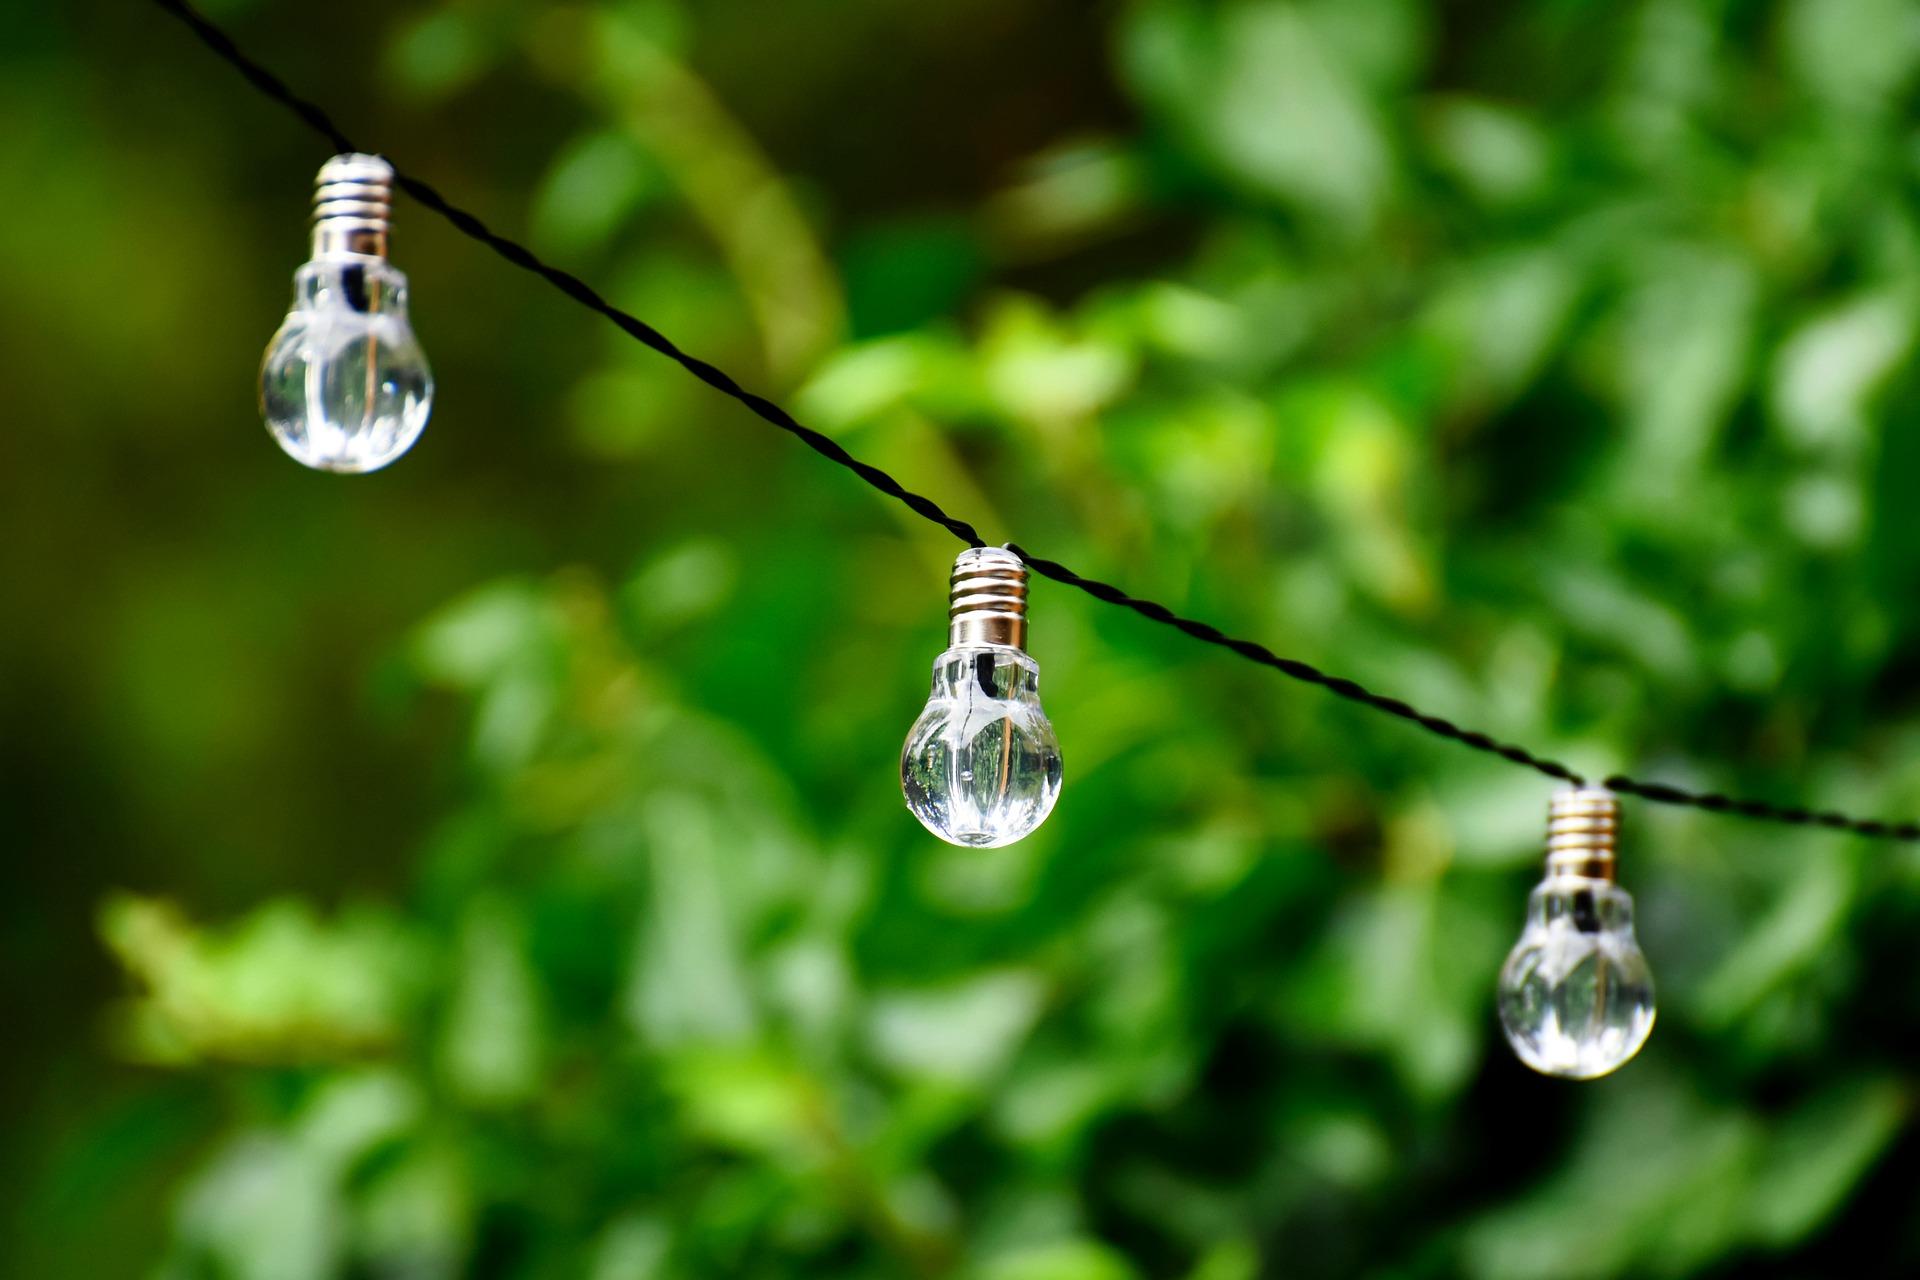 light-bulb-4372786_1920